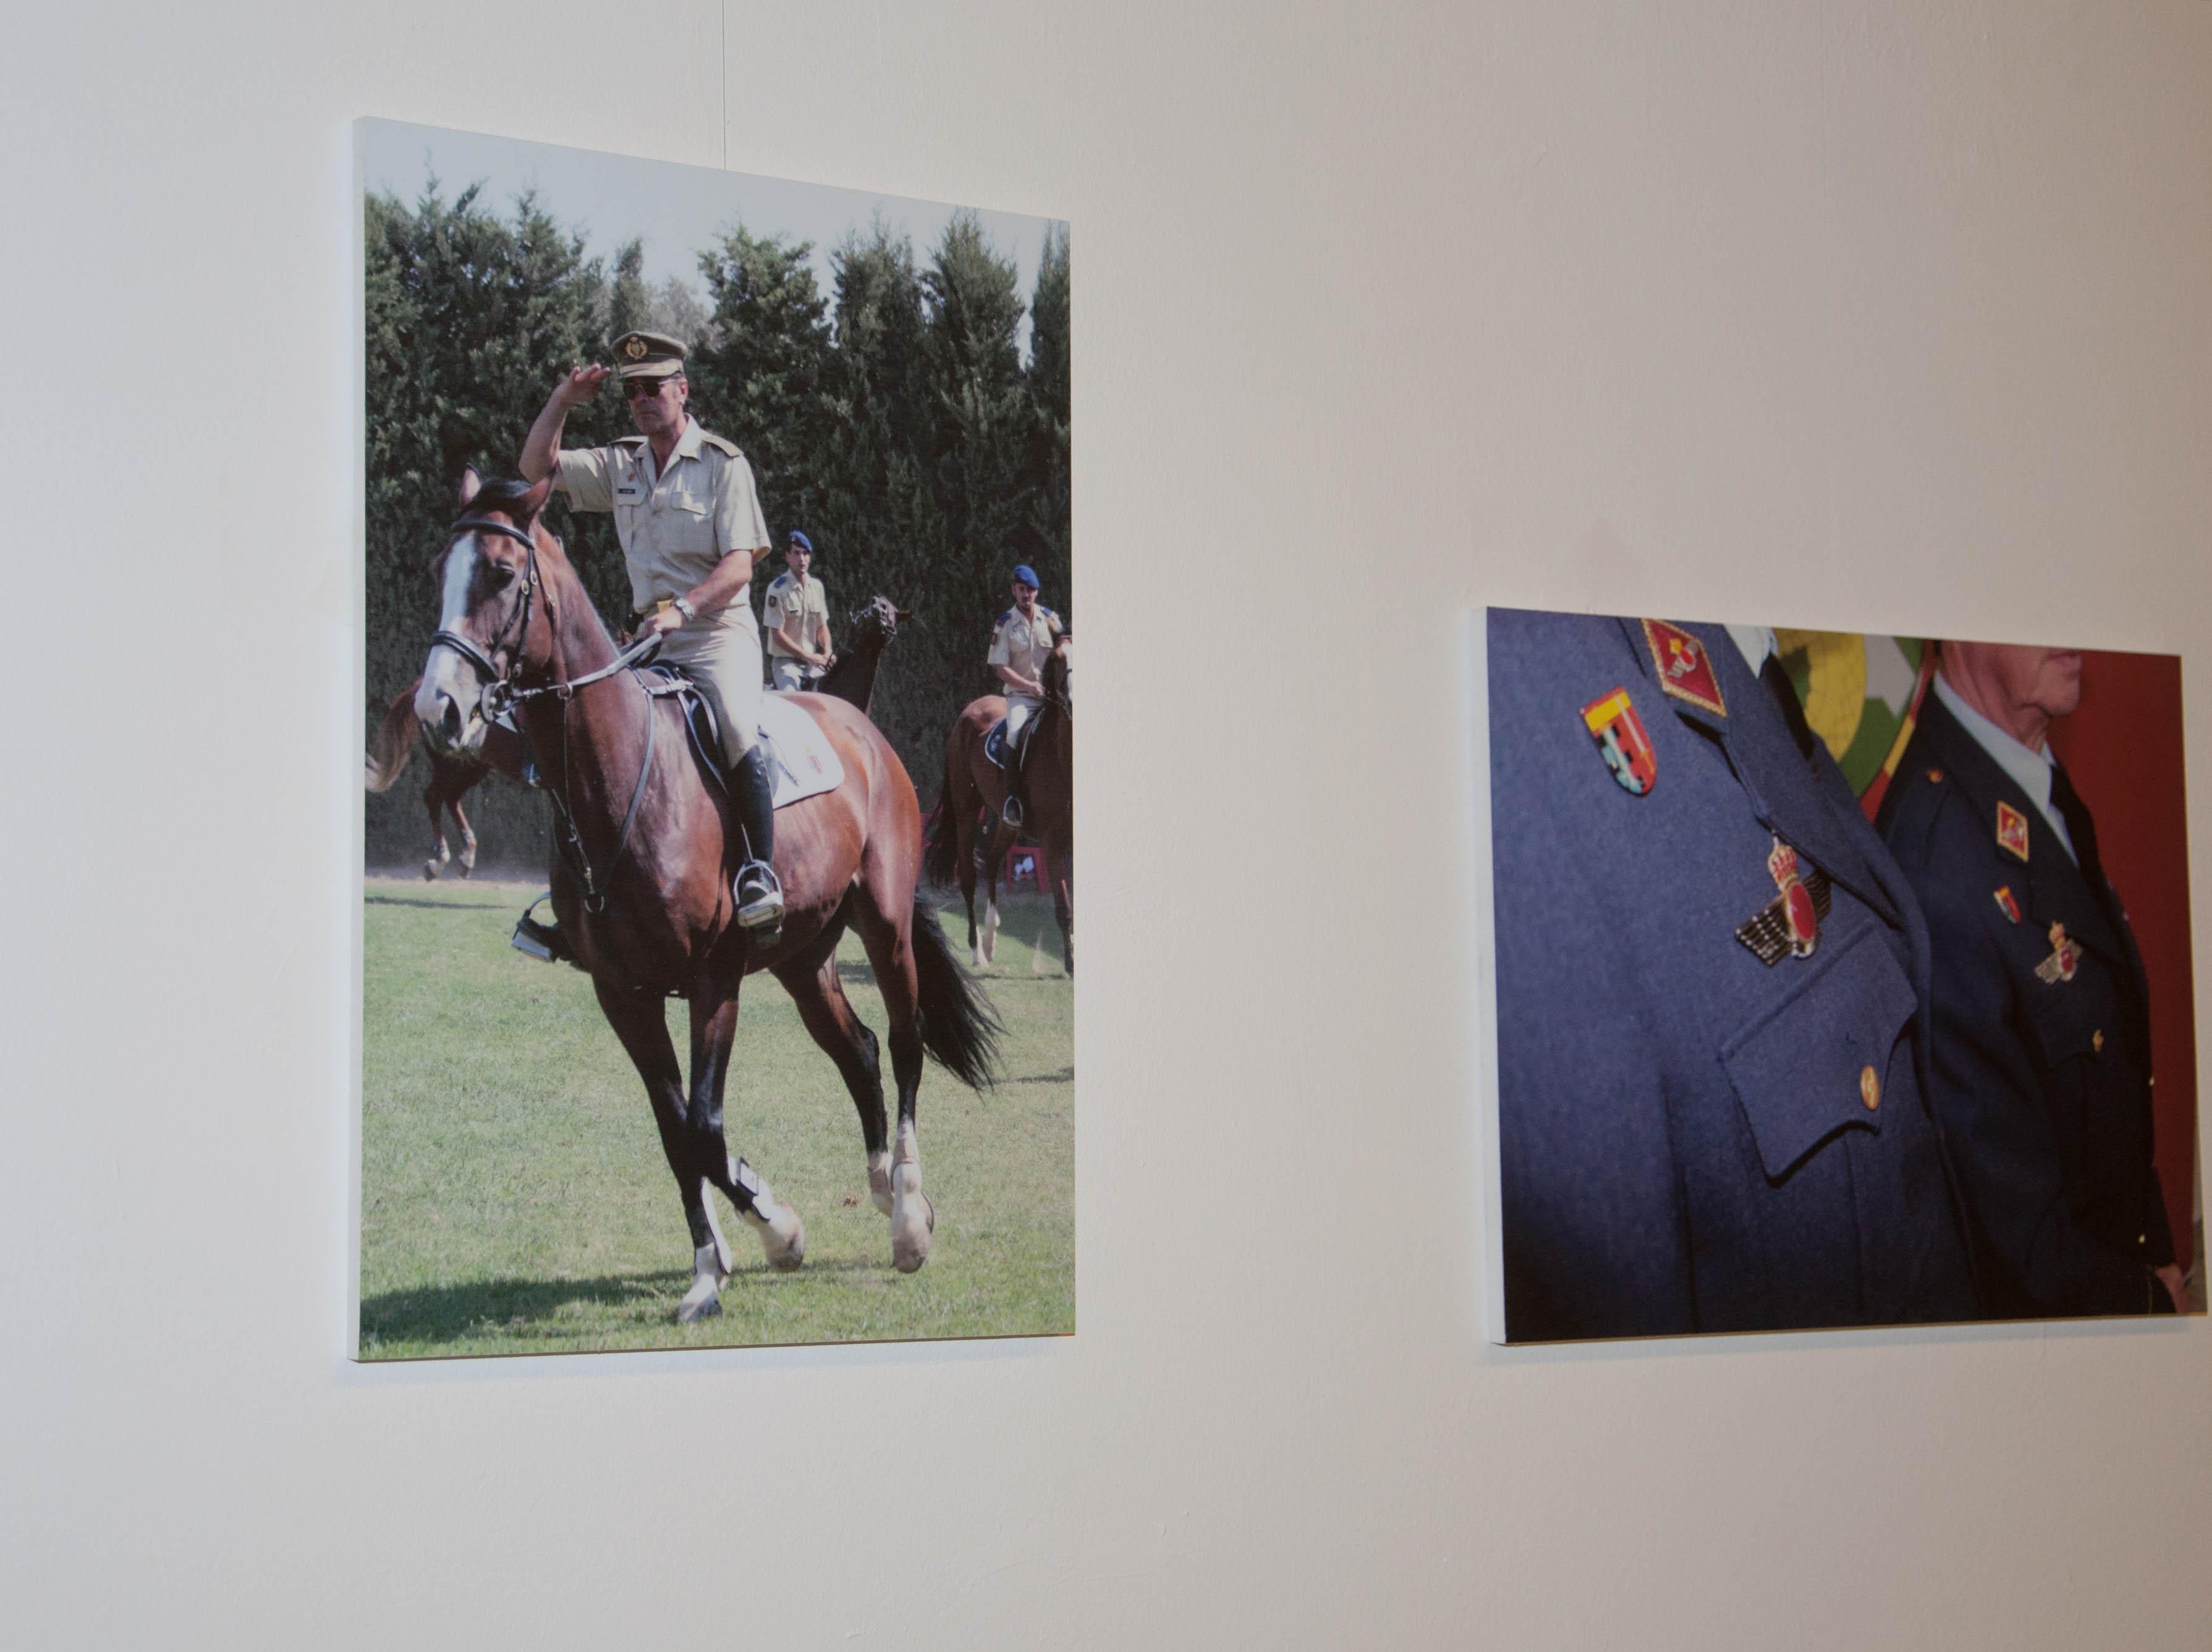 Fotos da exposición